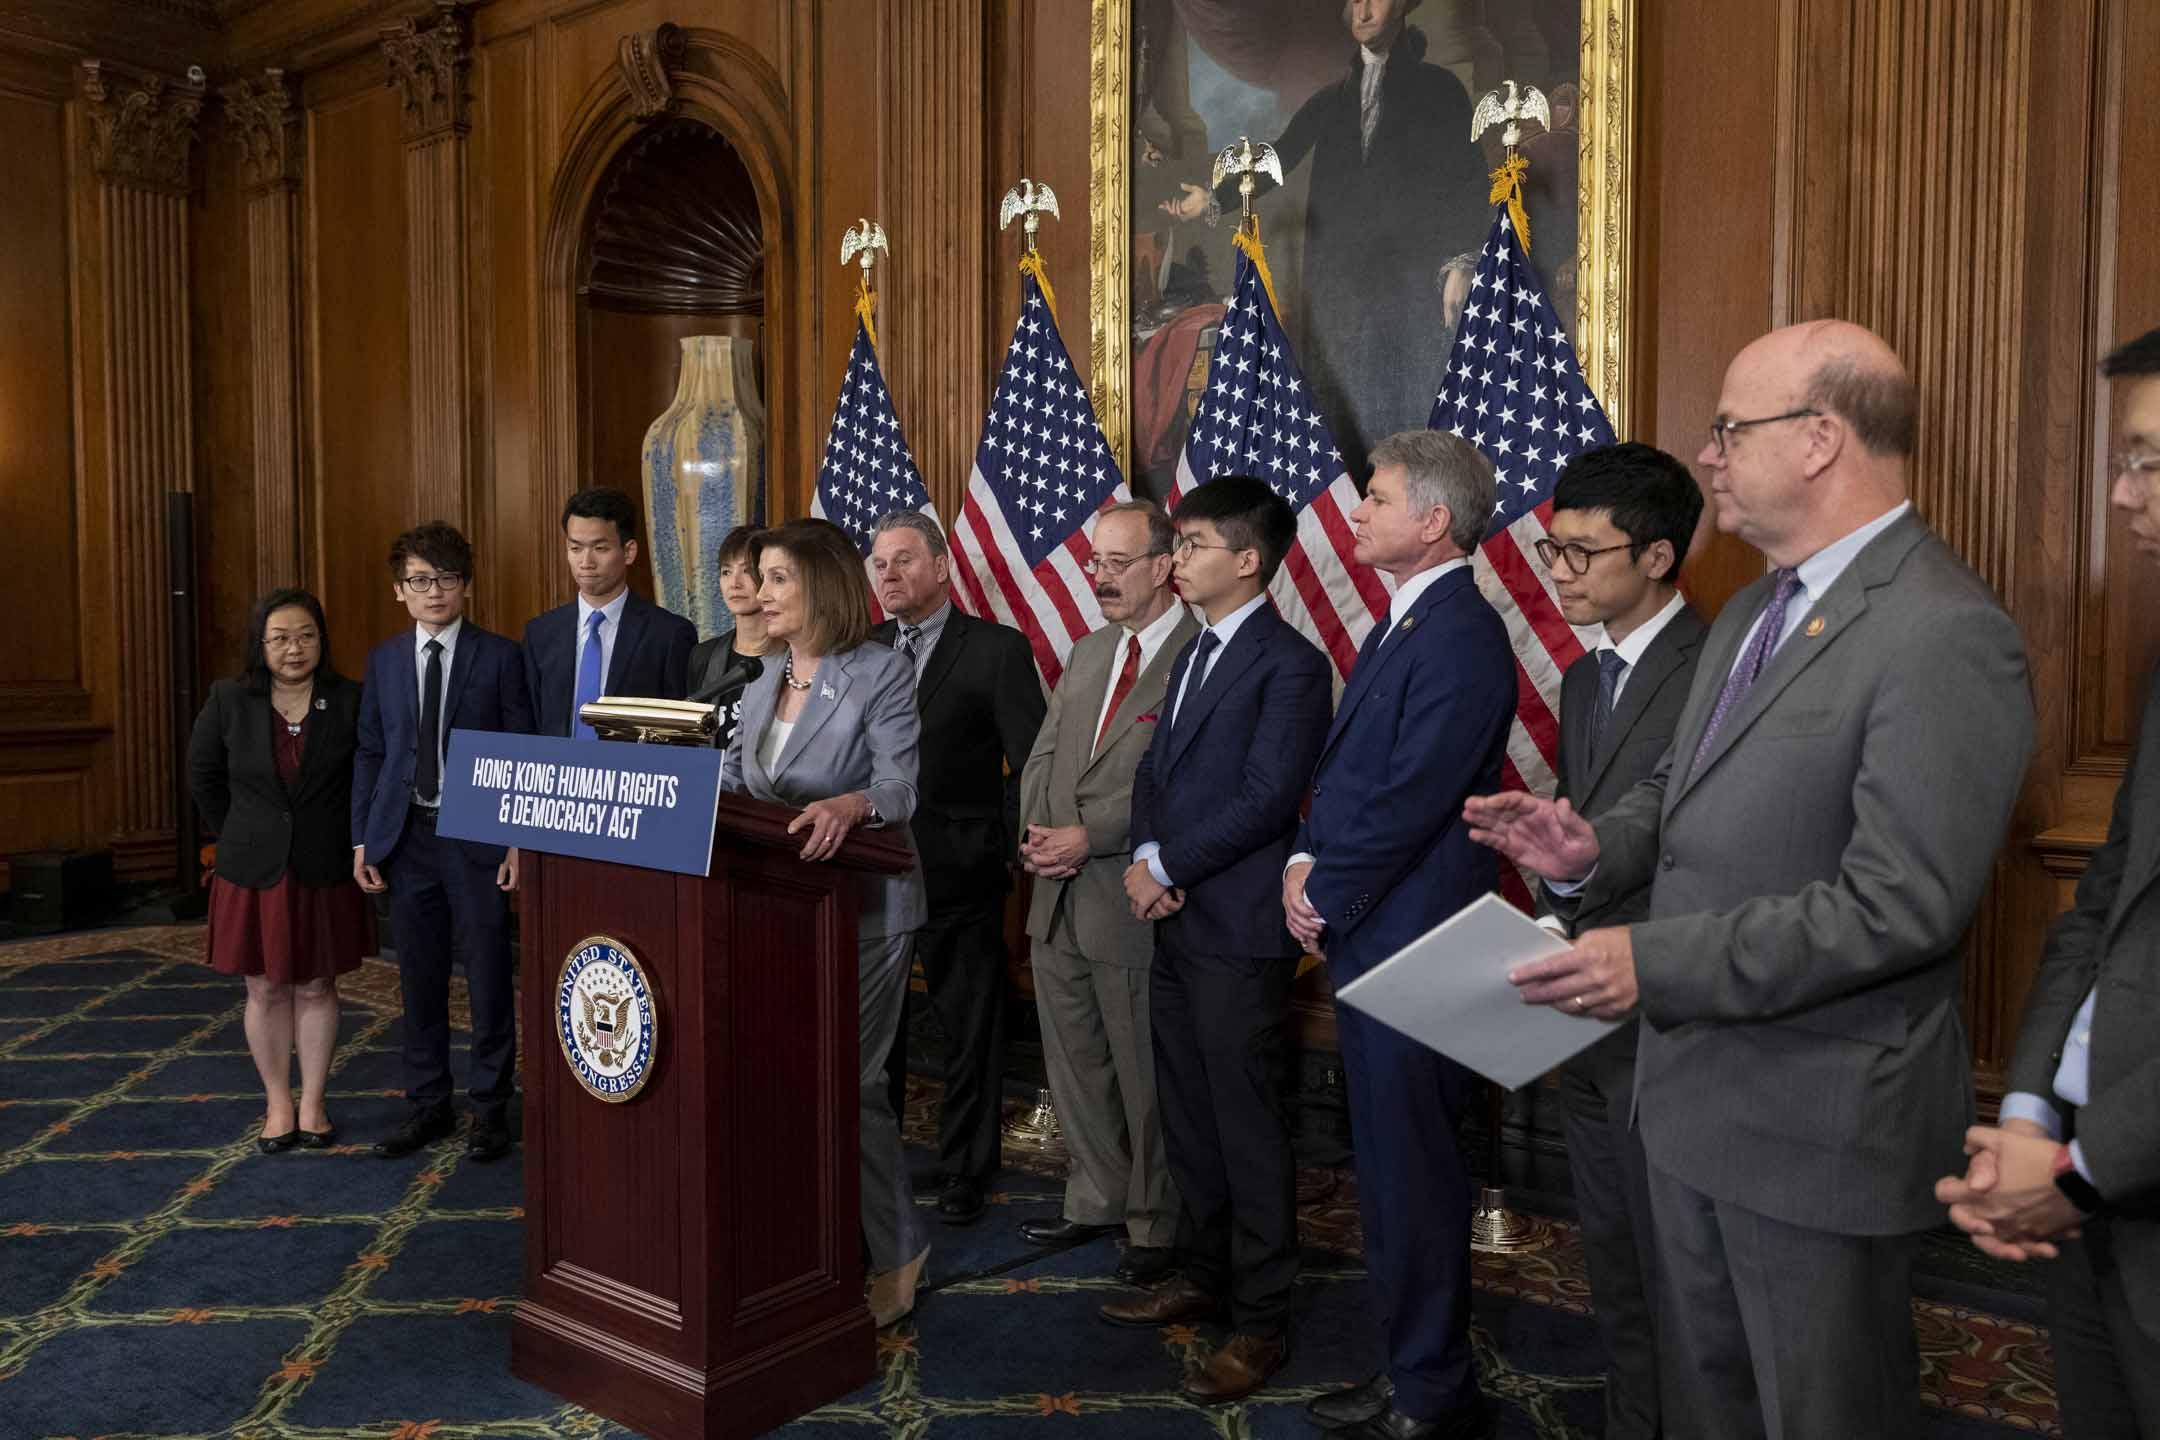 美國眾議院議長佩洛西(Nancy Pelosi)9月在華盛頓召開《香港人權與民主法案》發布會,左一為楊錦霞,右一為朱牧民。 攝:Aurora Samperio/NurPhoto via Getty Images